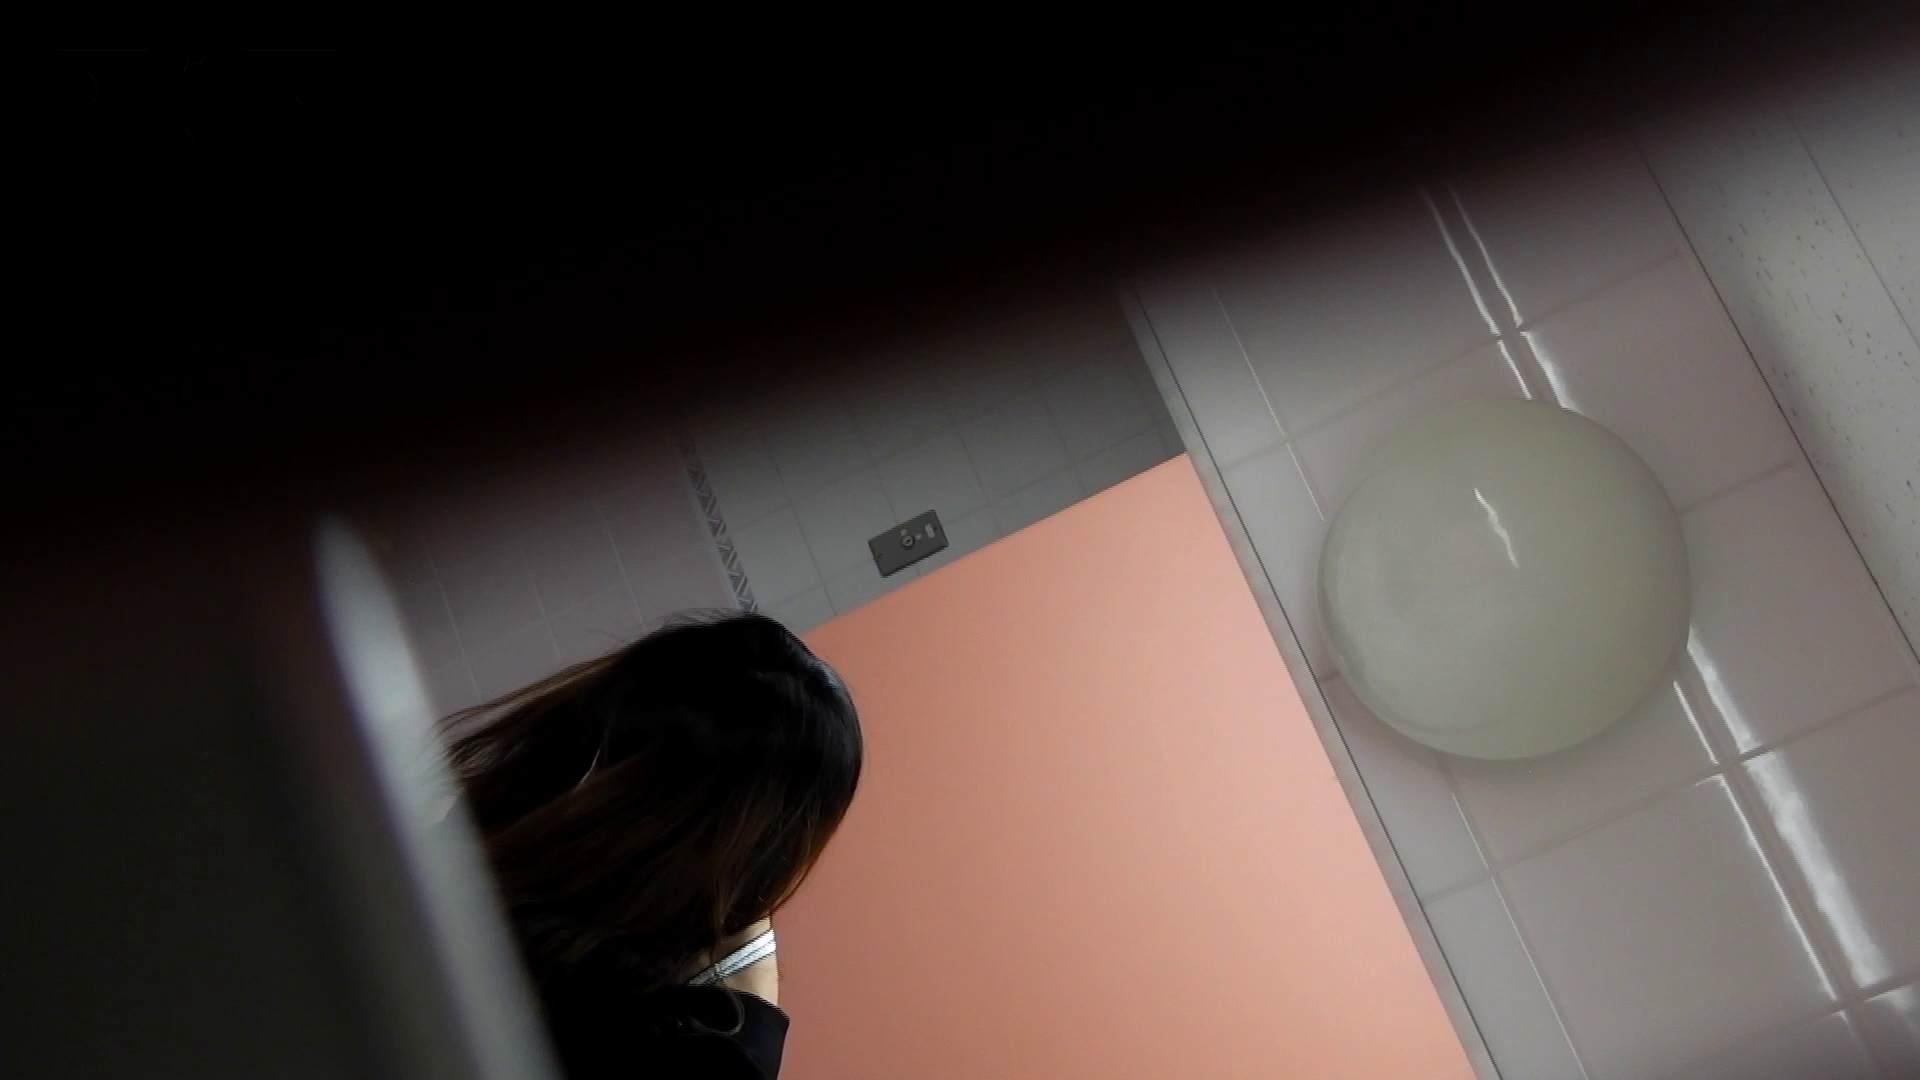 美しい日本の未来 No.35 最長時間更新更に強者登場 盗撮映像  97Pix 96